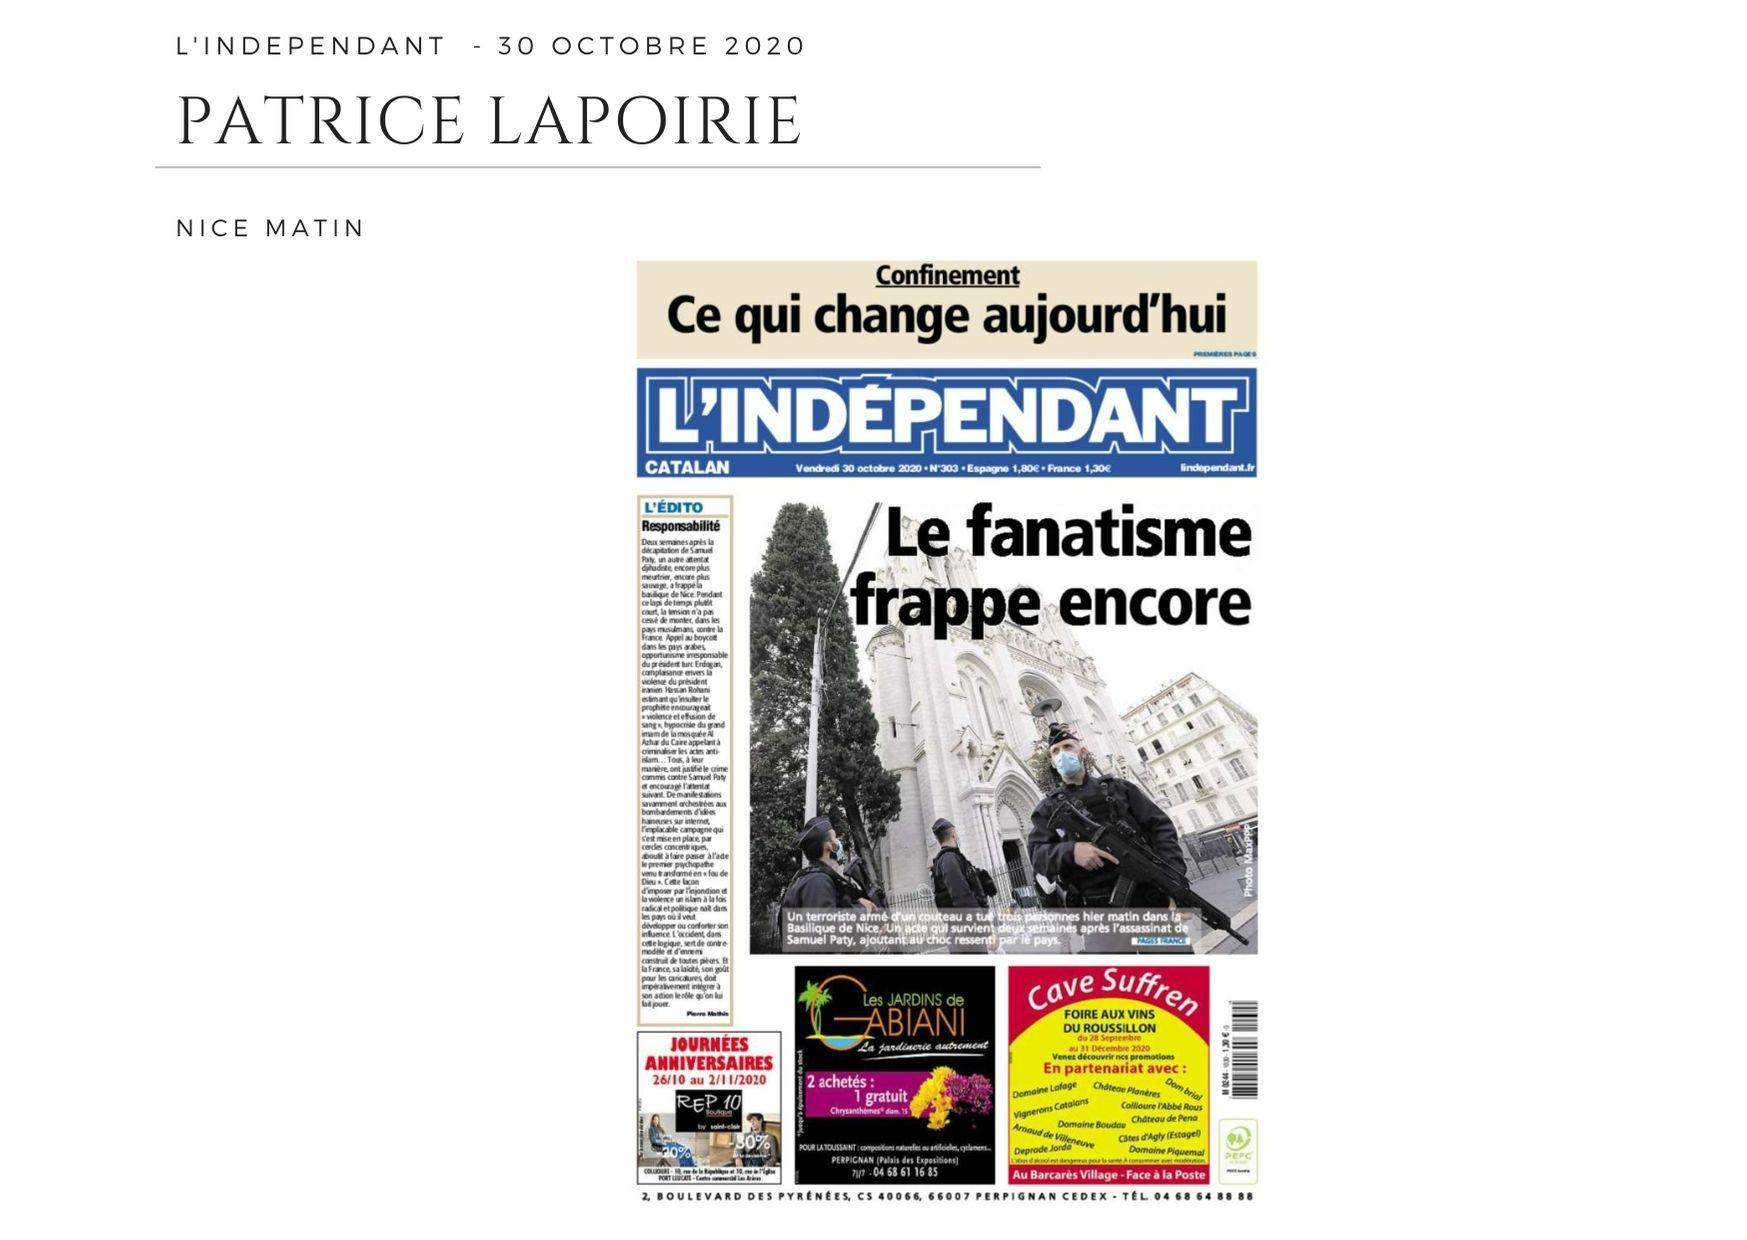 L'Indépendant - 30 octobre 2020